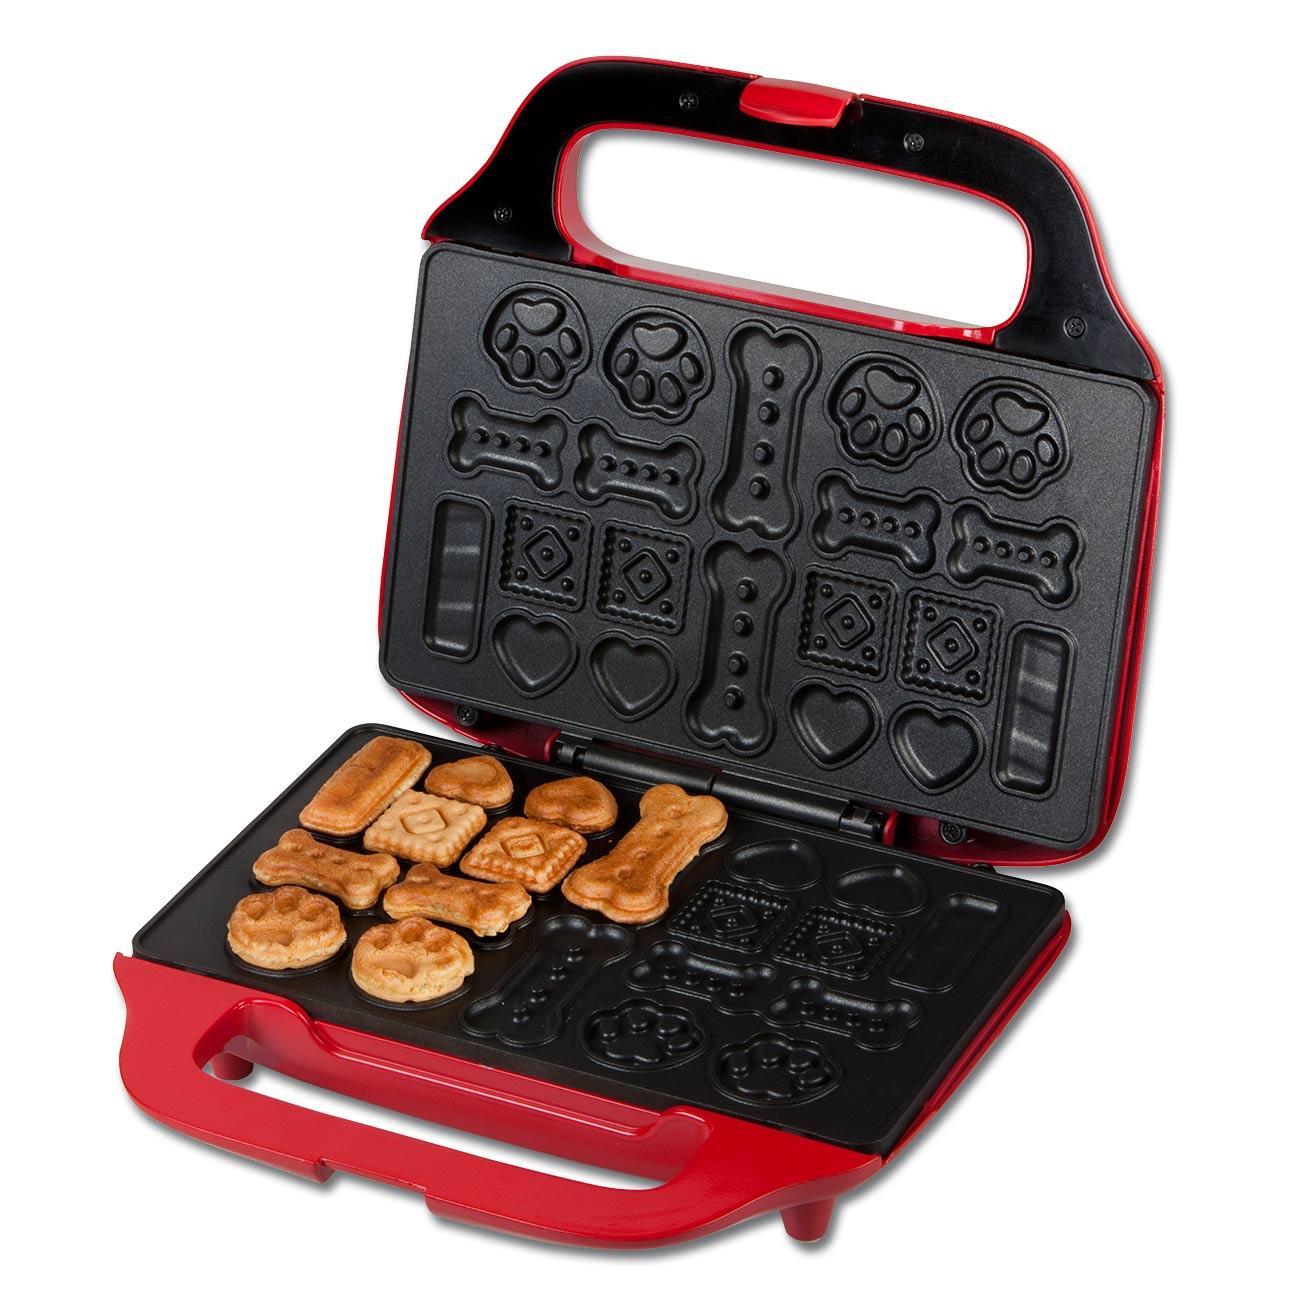 domo dog cookie maker do9068hk mit 3 jahren garantie. Black Bedroom Furniture Sets. Home Design Ideas